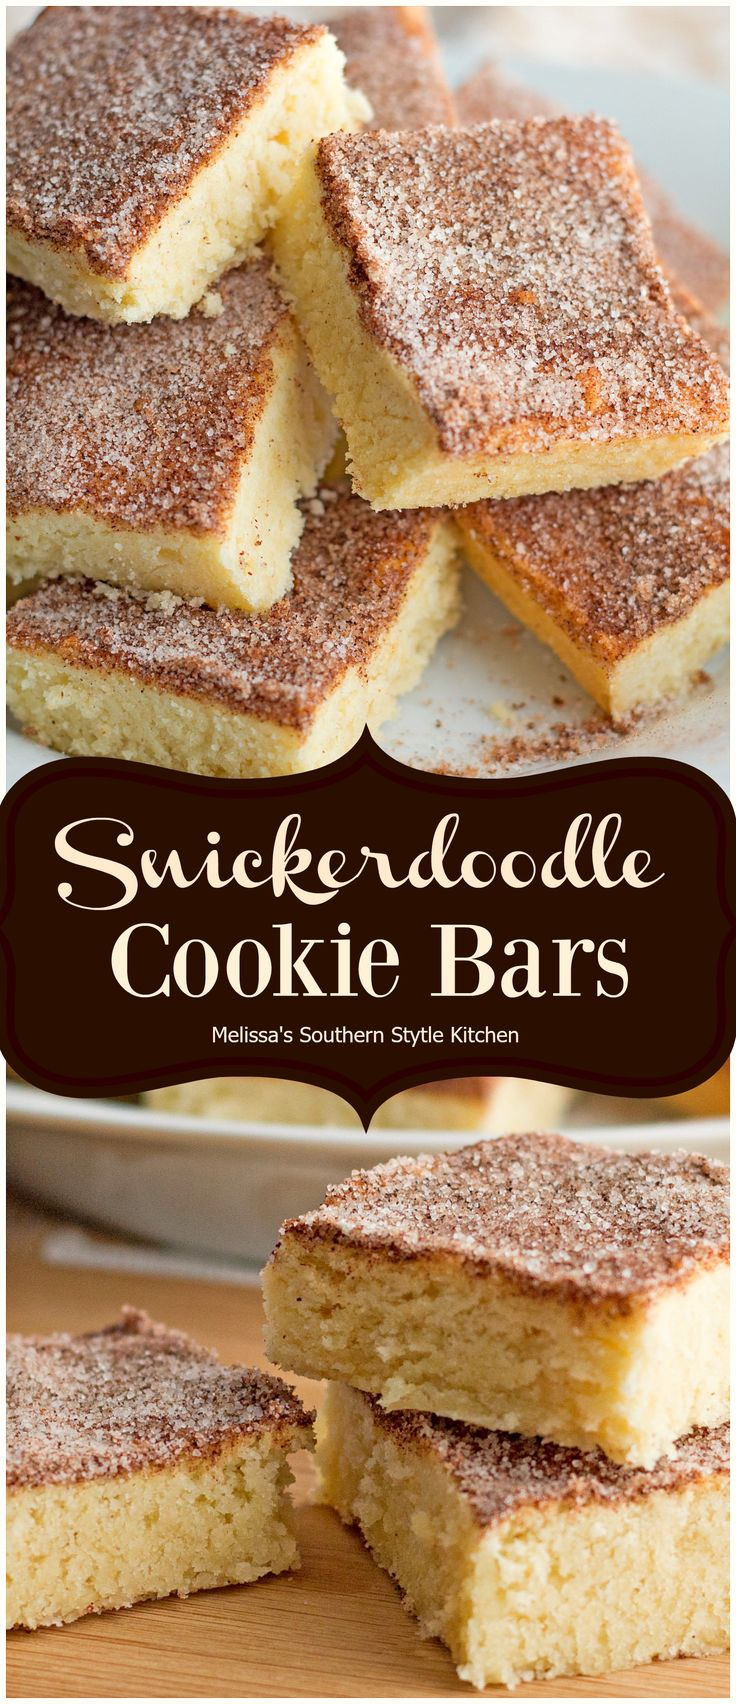 Snickerdoodle Cookie Bars